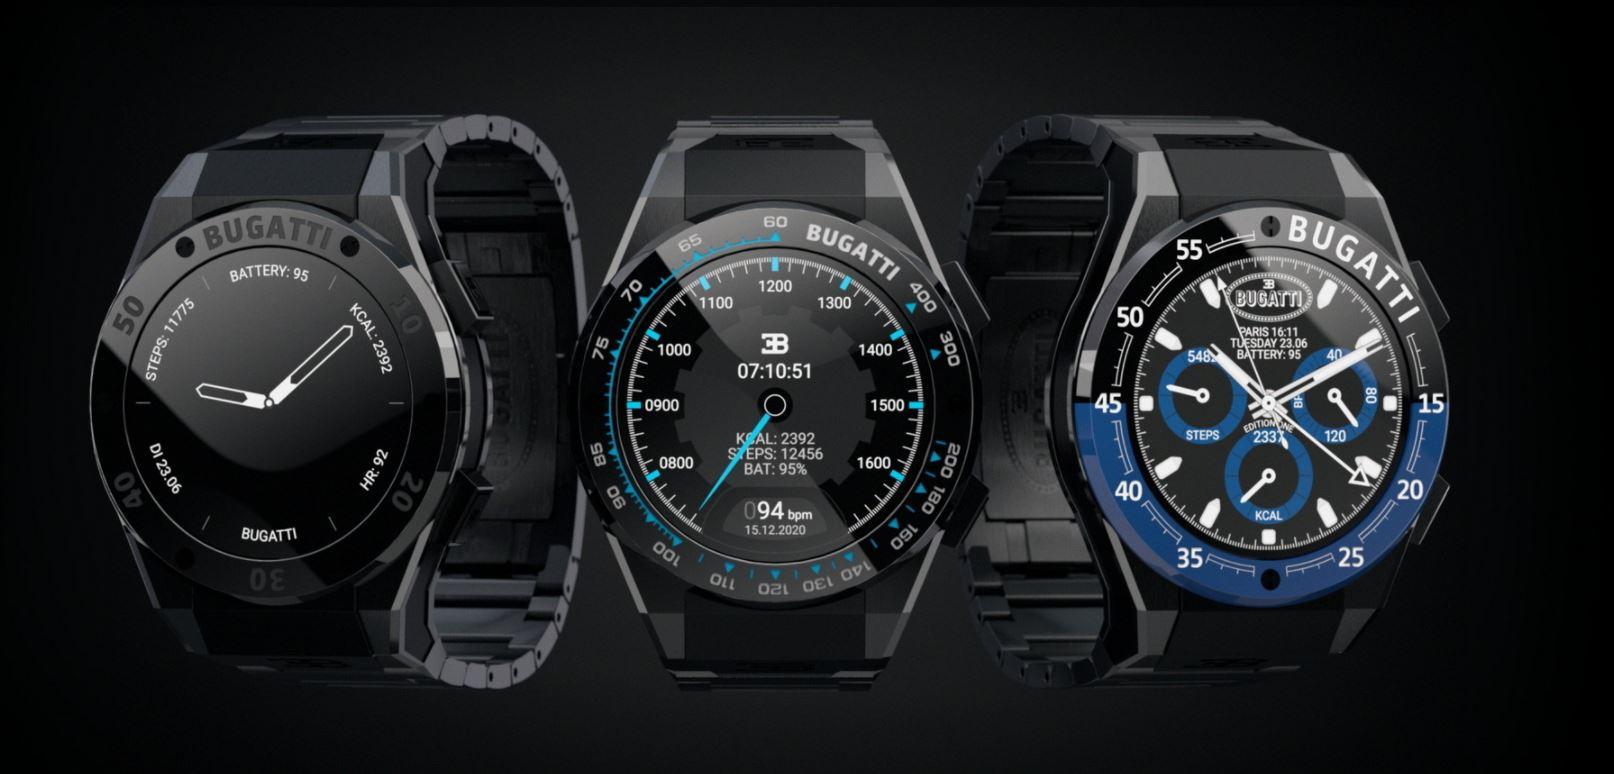 Bugatti představuje chytré hodinky, budou vybaveny špičkovou technologií